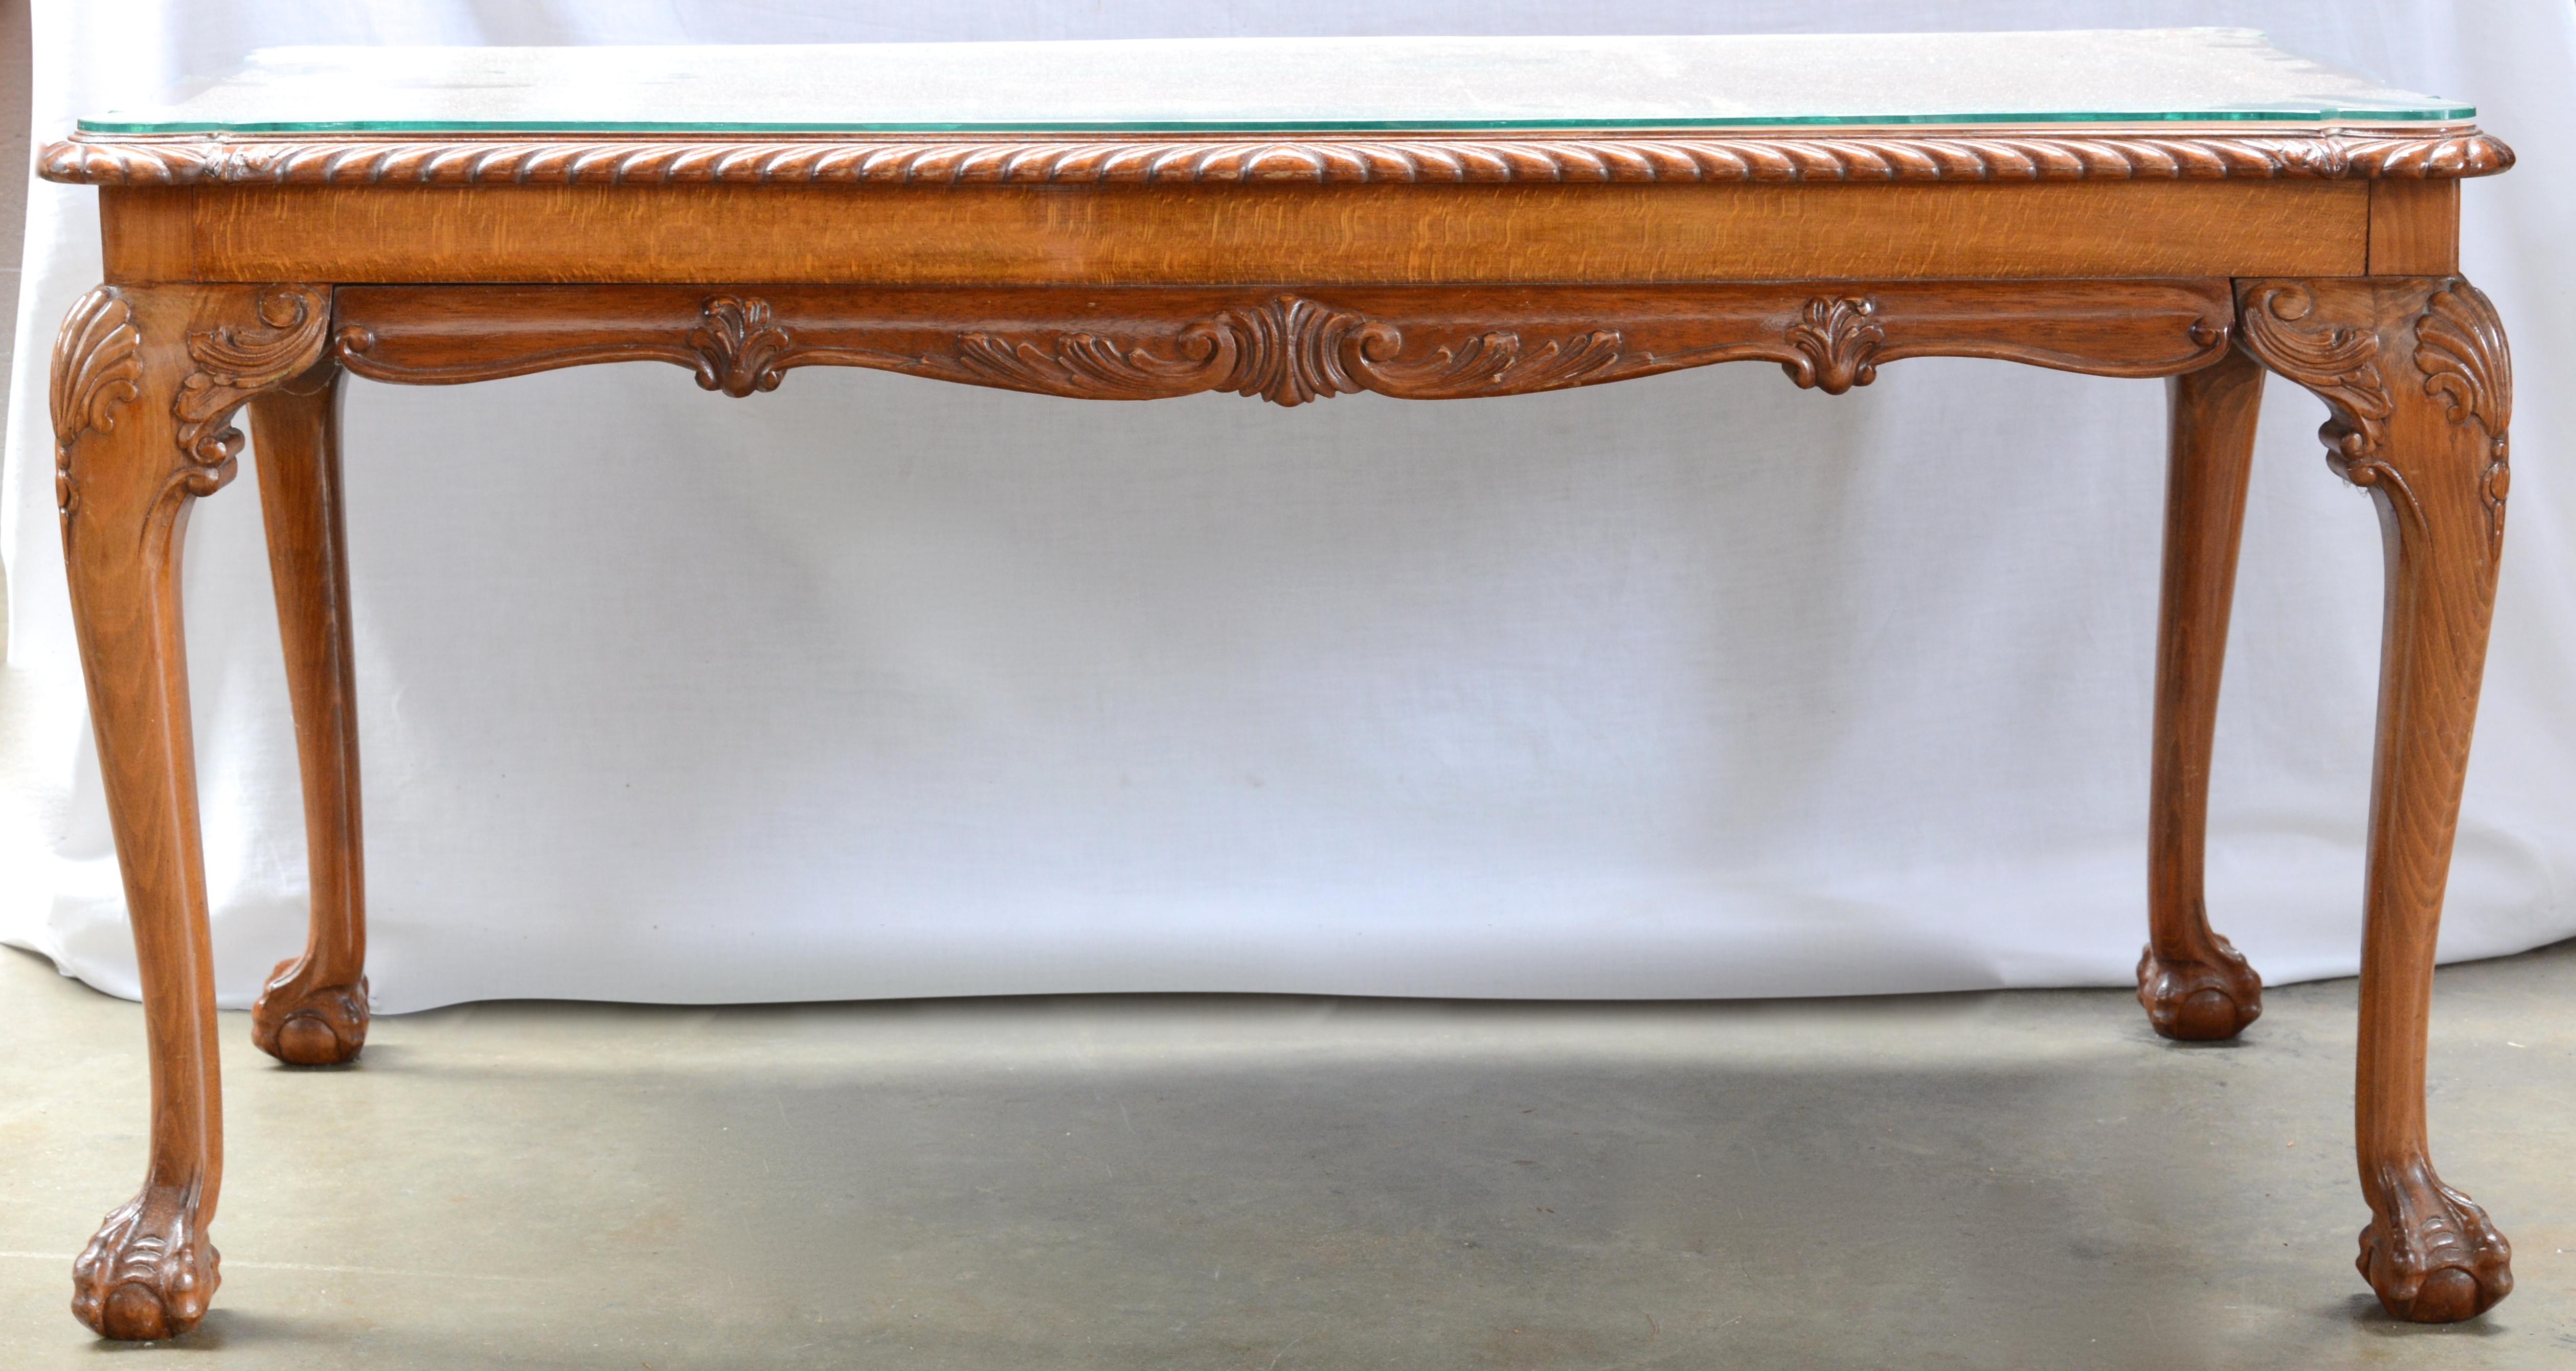 Glazen Houten Salontafel.Een Houten Salontafel In Chippendalestijl Met Een Glazen Blad